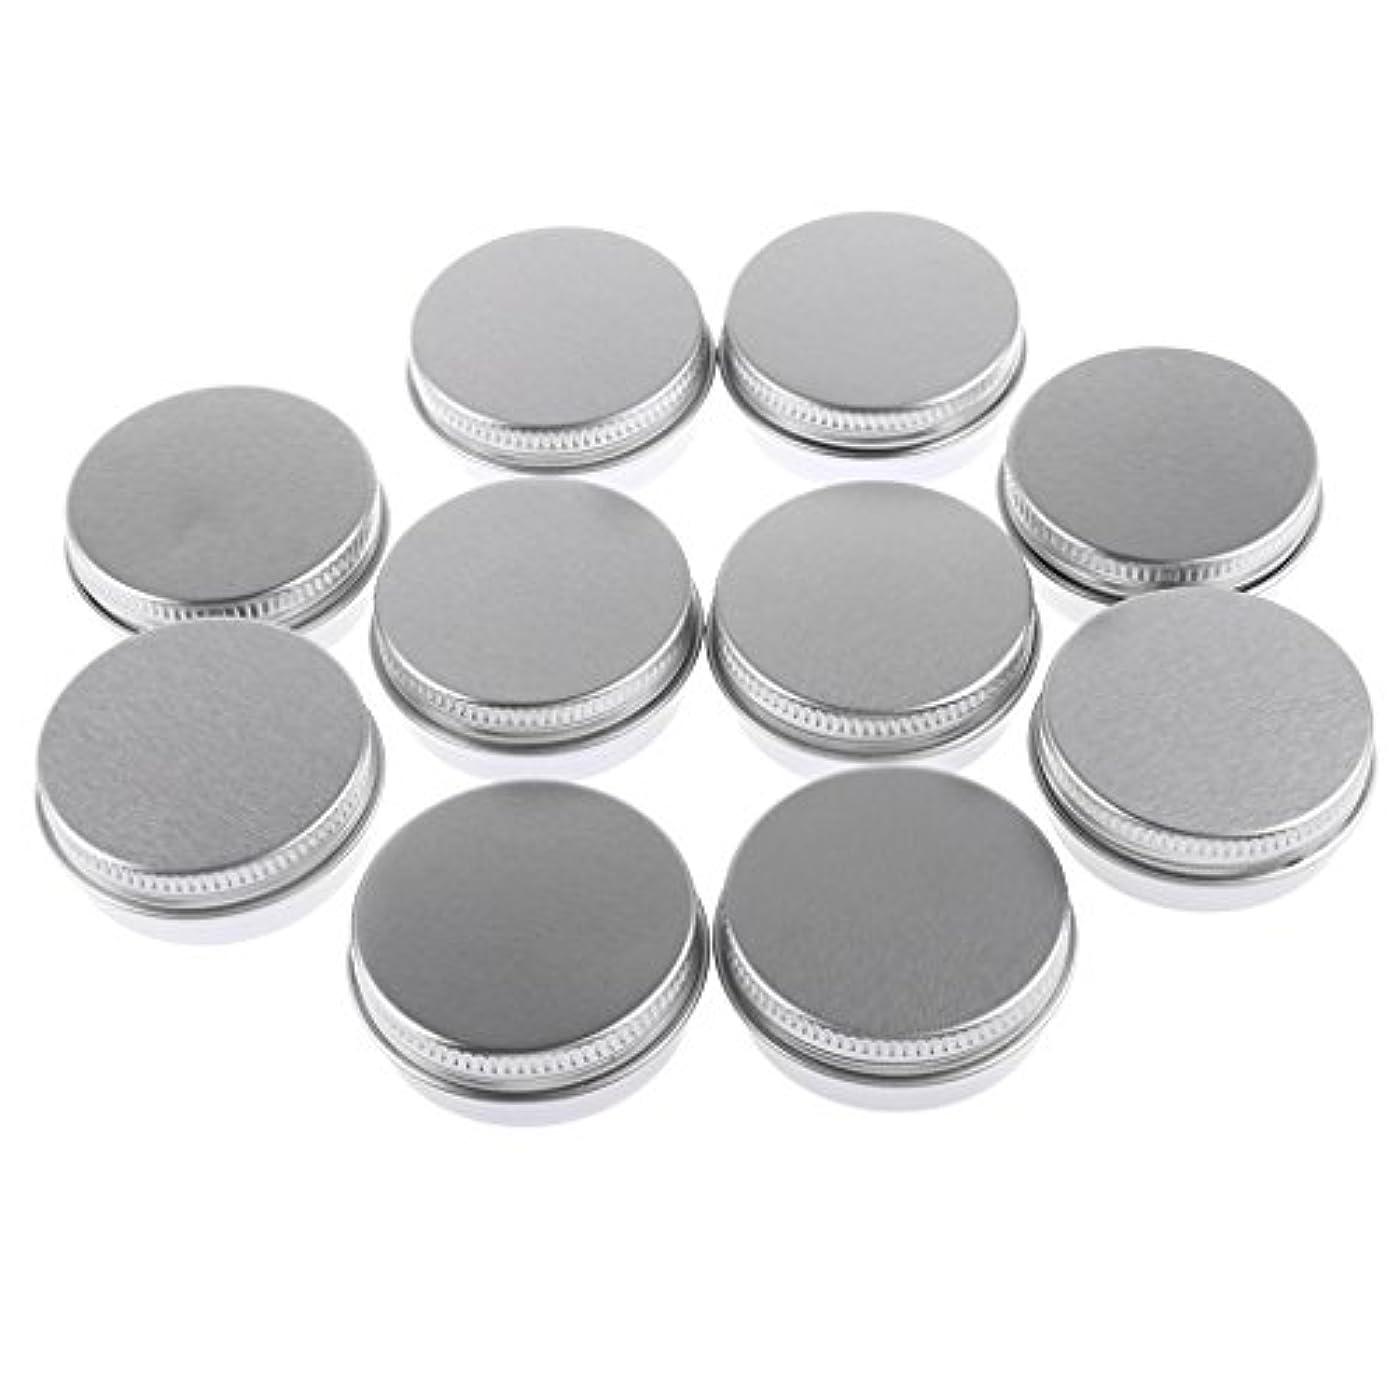 囚人用心取り消す10個入り 化粧品用 空 瓶 クリーム 缶 容器 缶ケース 蓋付き 15g